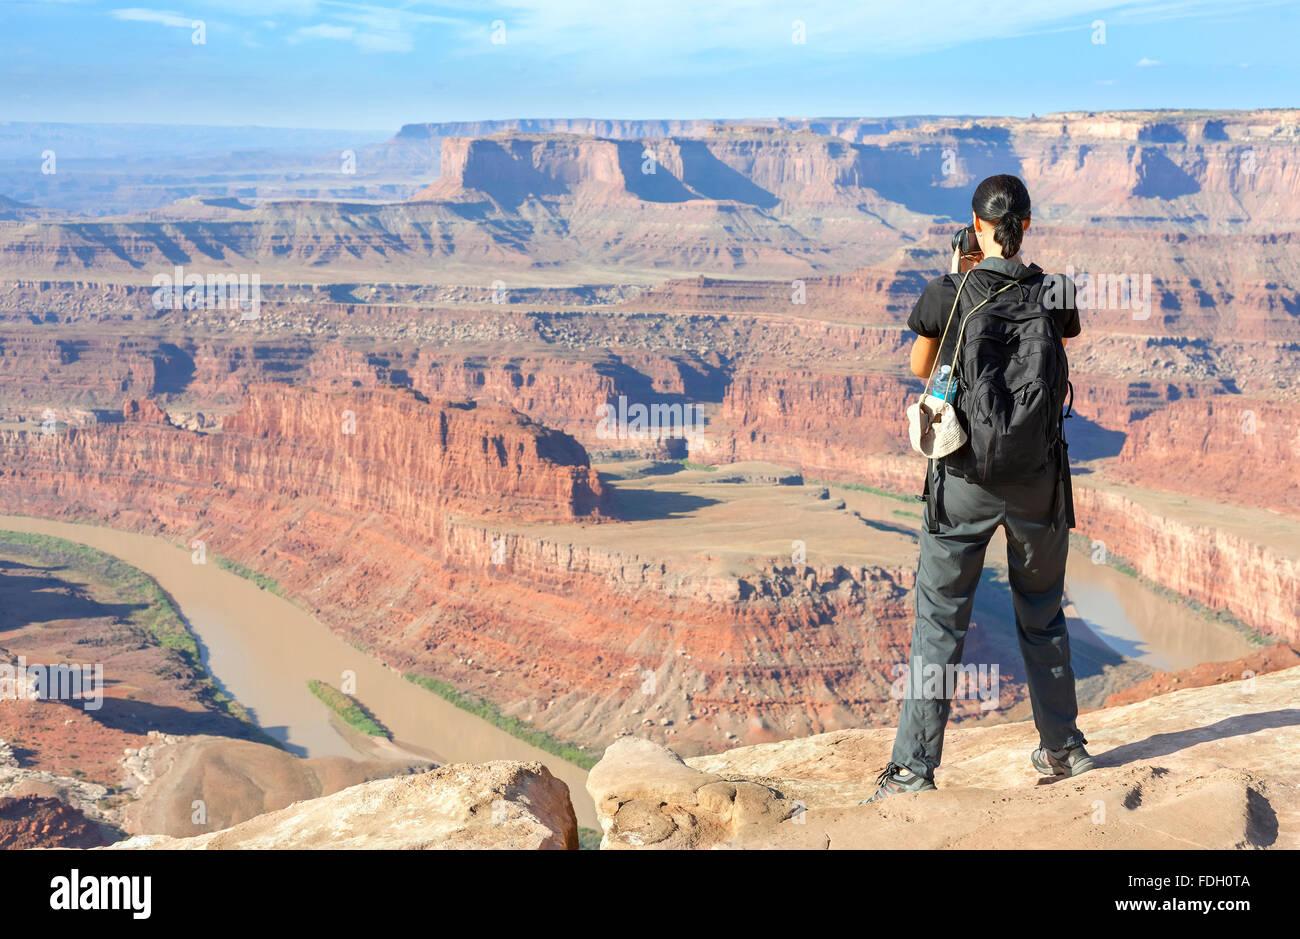 Weibliche Touristen fotografieren einer Canyon-Landschaft, USA. Stockbild